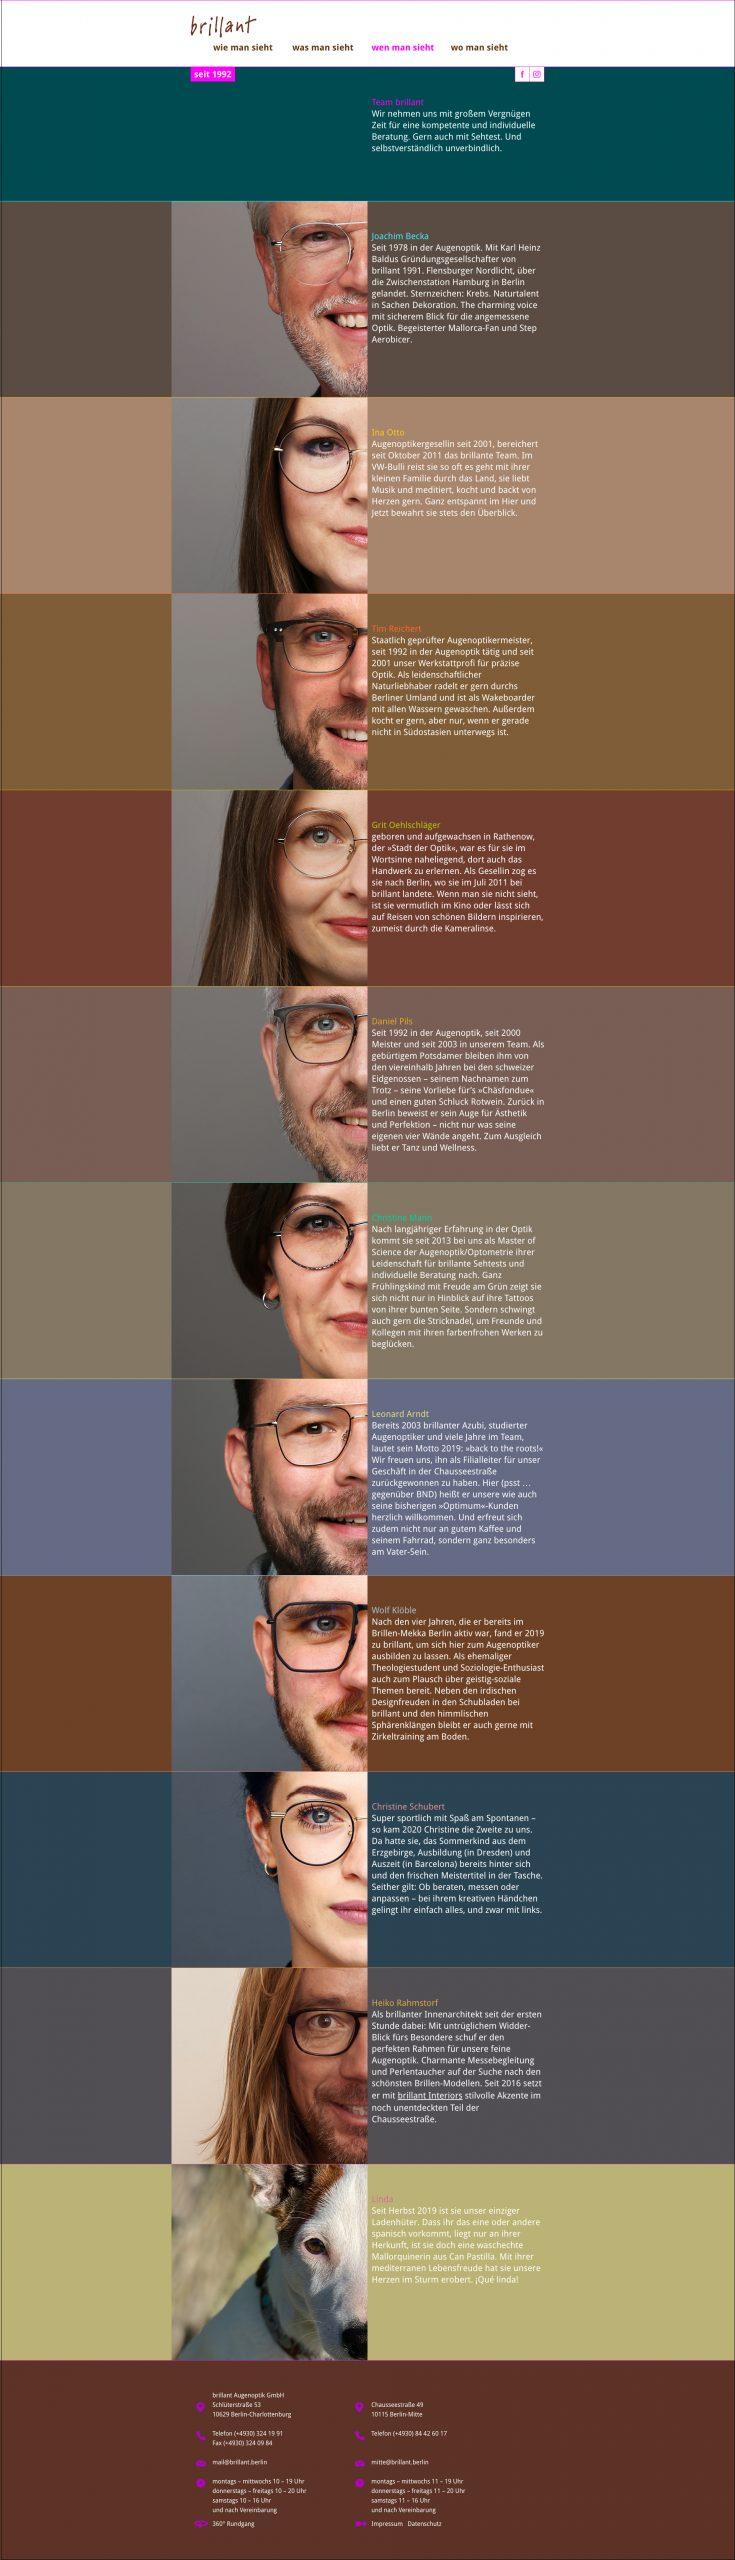 brillant Augenoptik Team